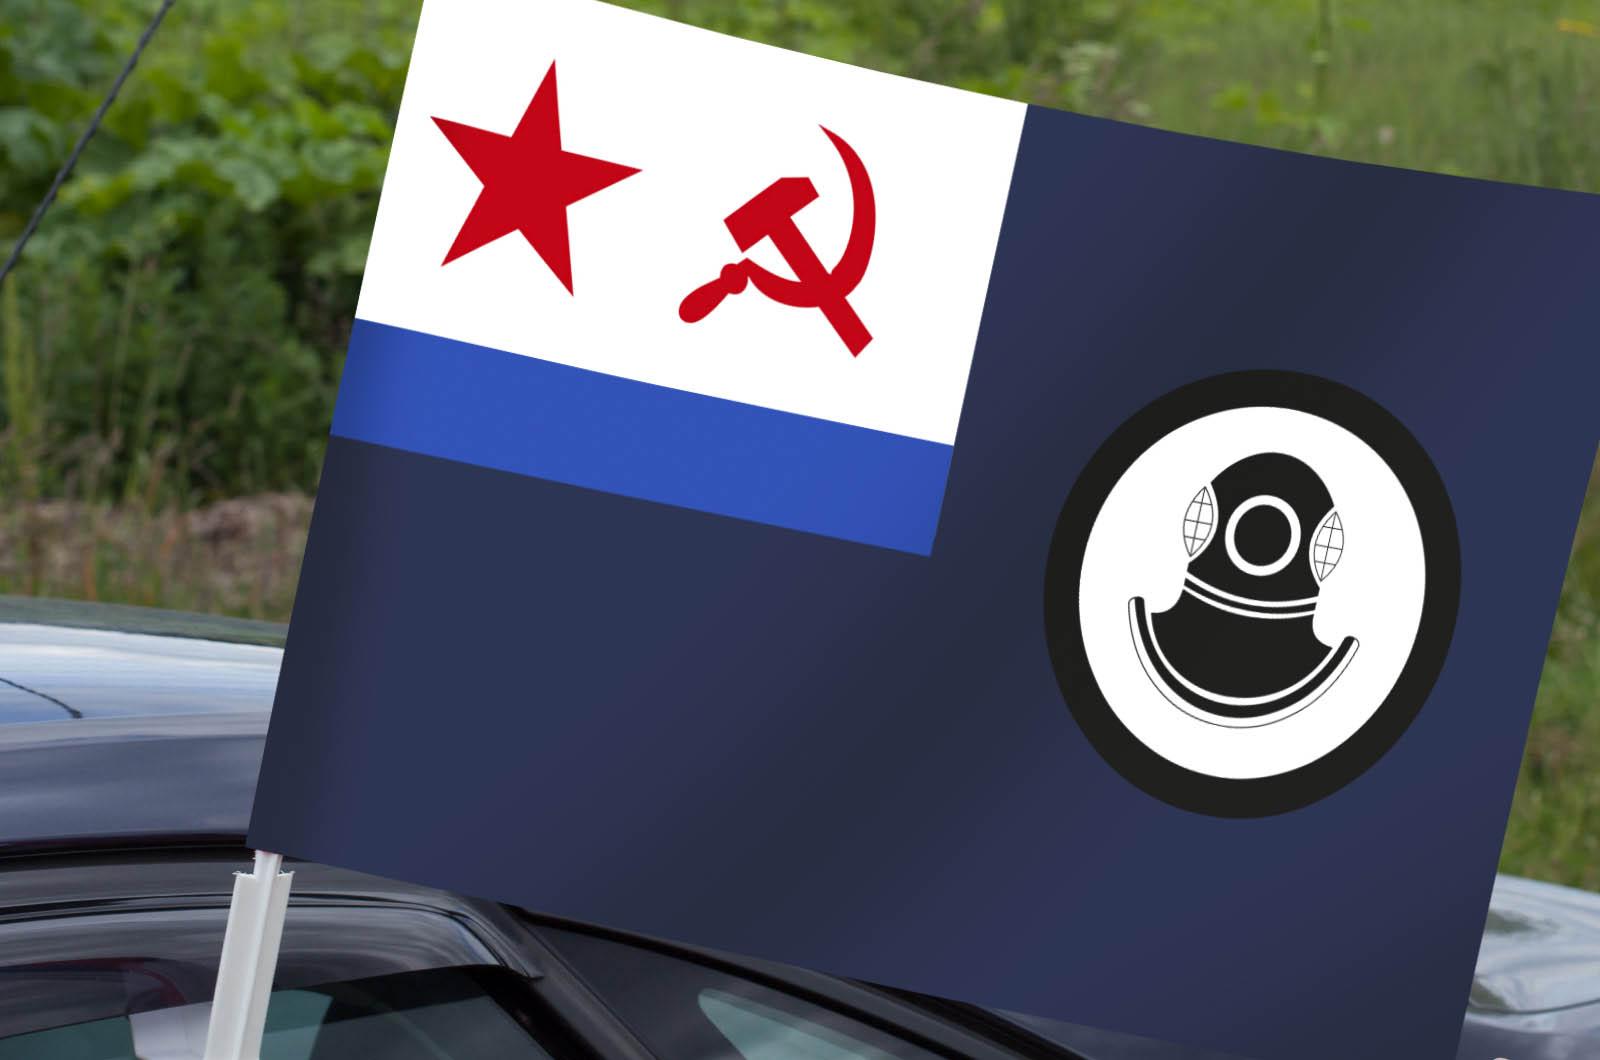 Автомобильный флаг аварийно-спасательных судов ВМФ СССР